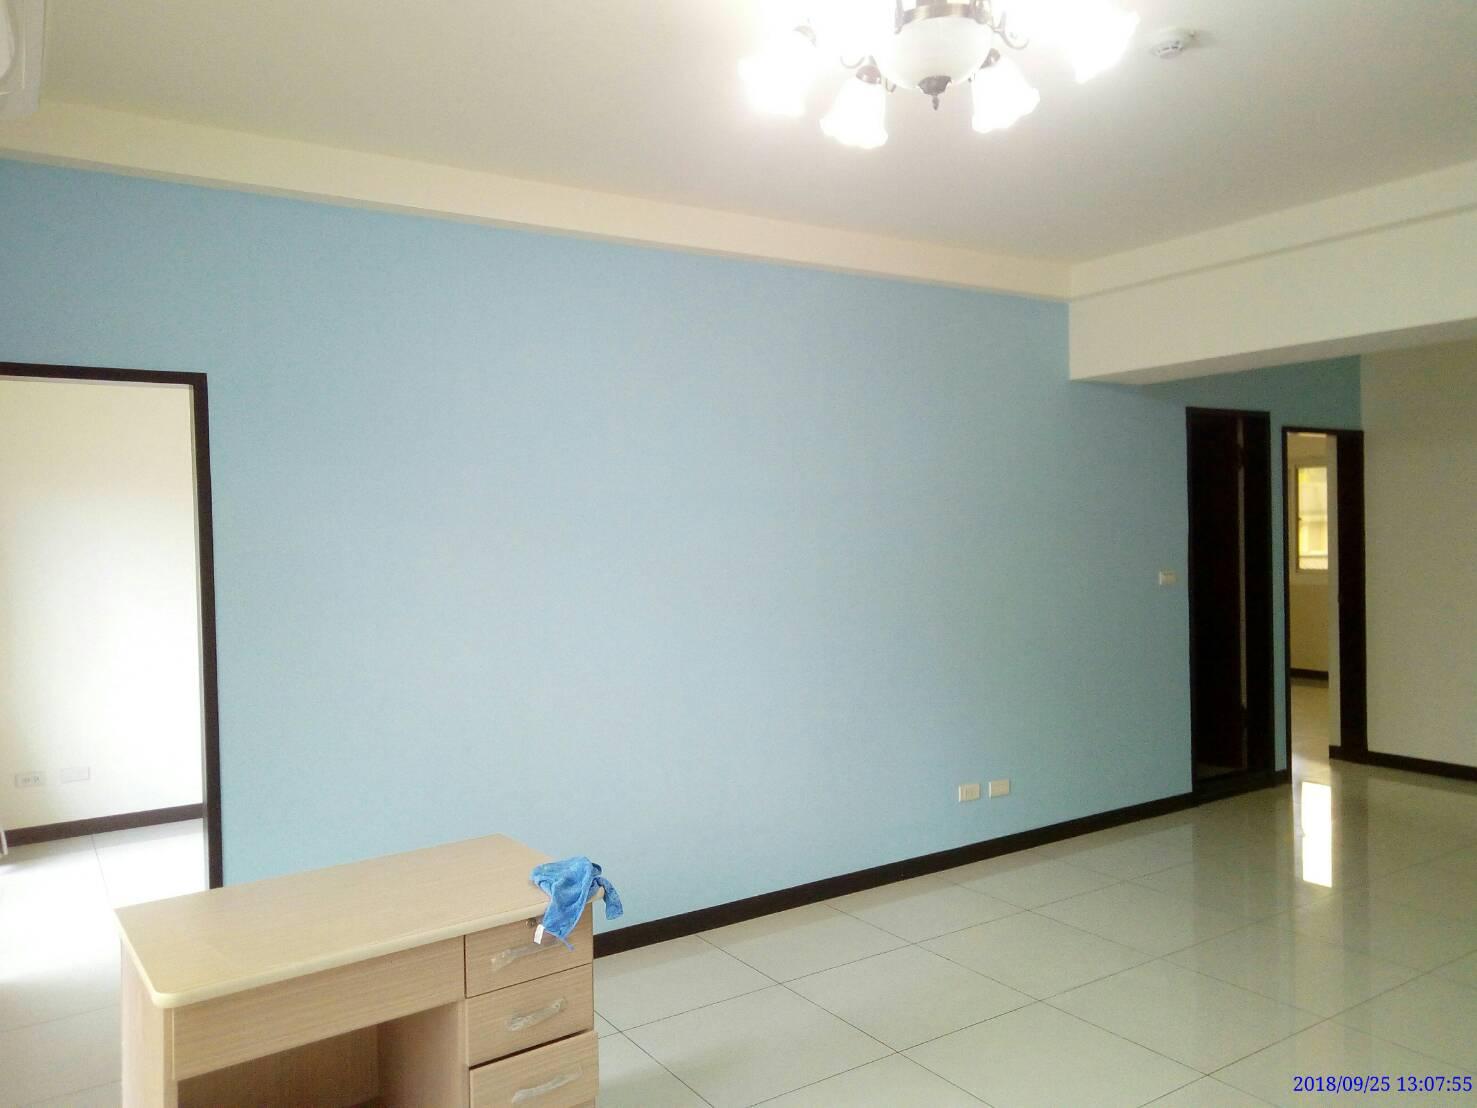 房間油漆配色,房間油漆價錢,跳色油漆,跳色油漆價格,客廳跳色油漆,臥室跳色油漆,牆面跳色油漆 - 未命名的相簿